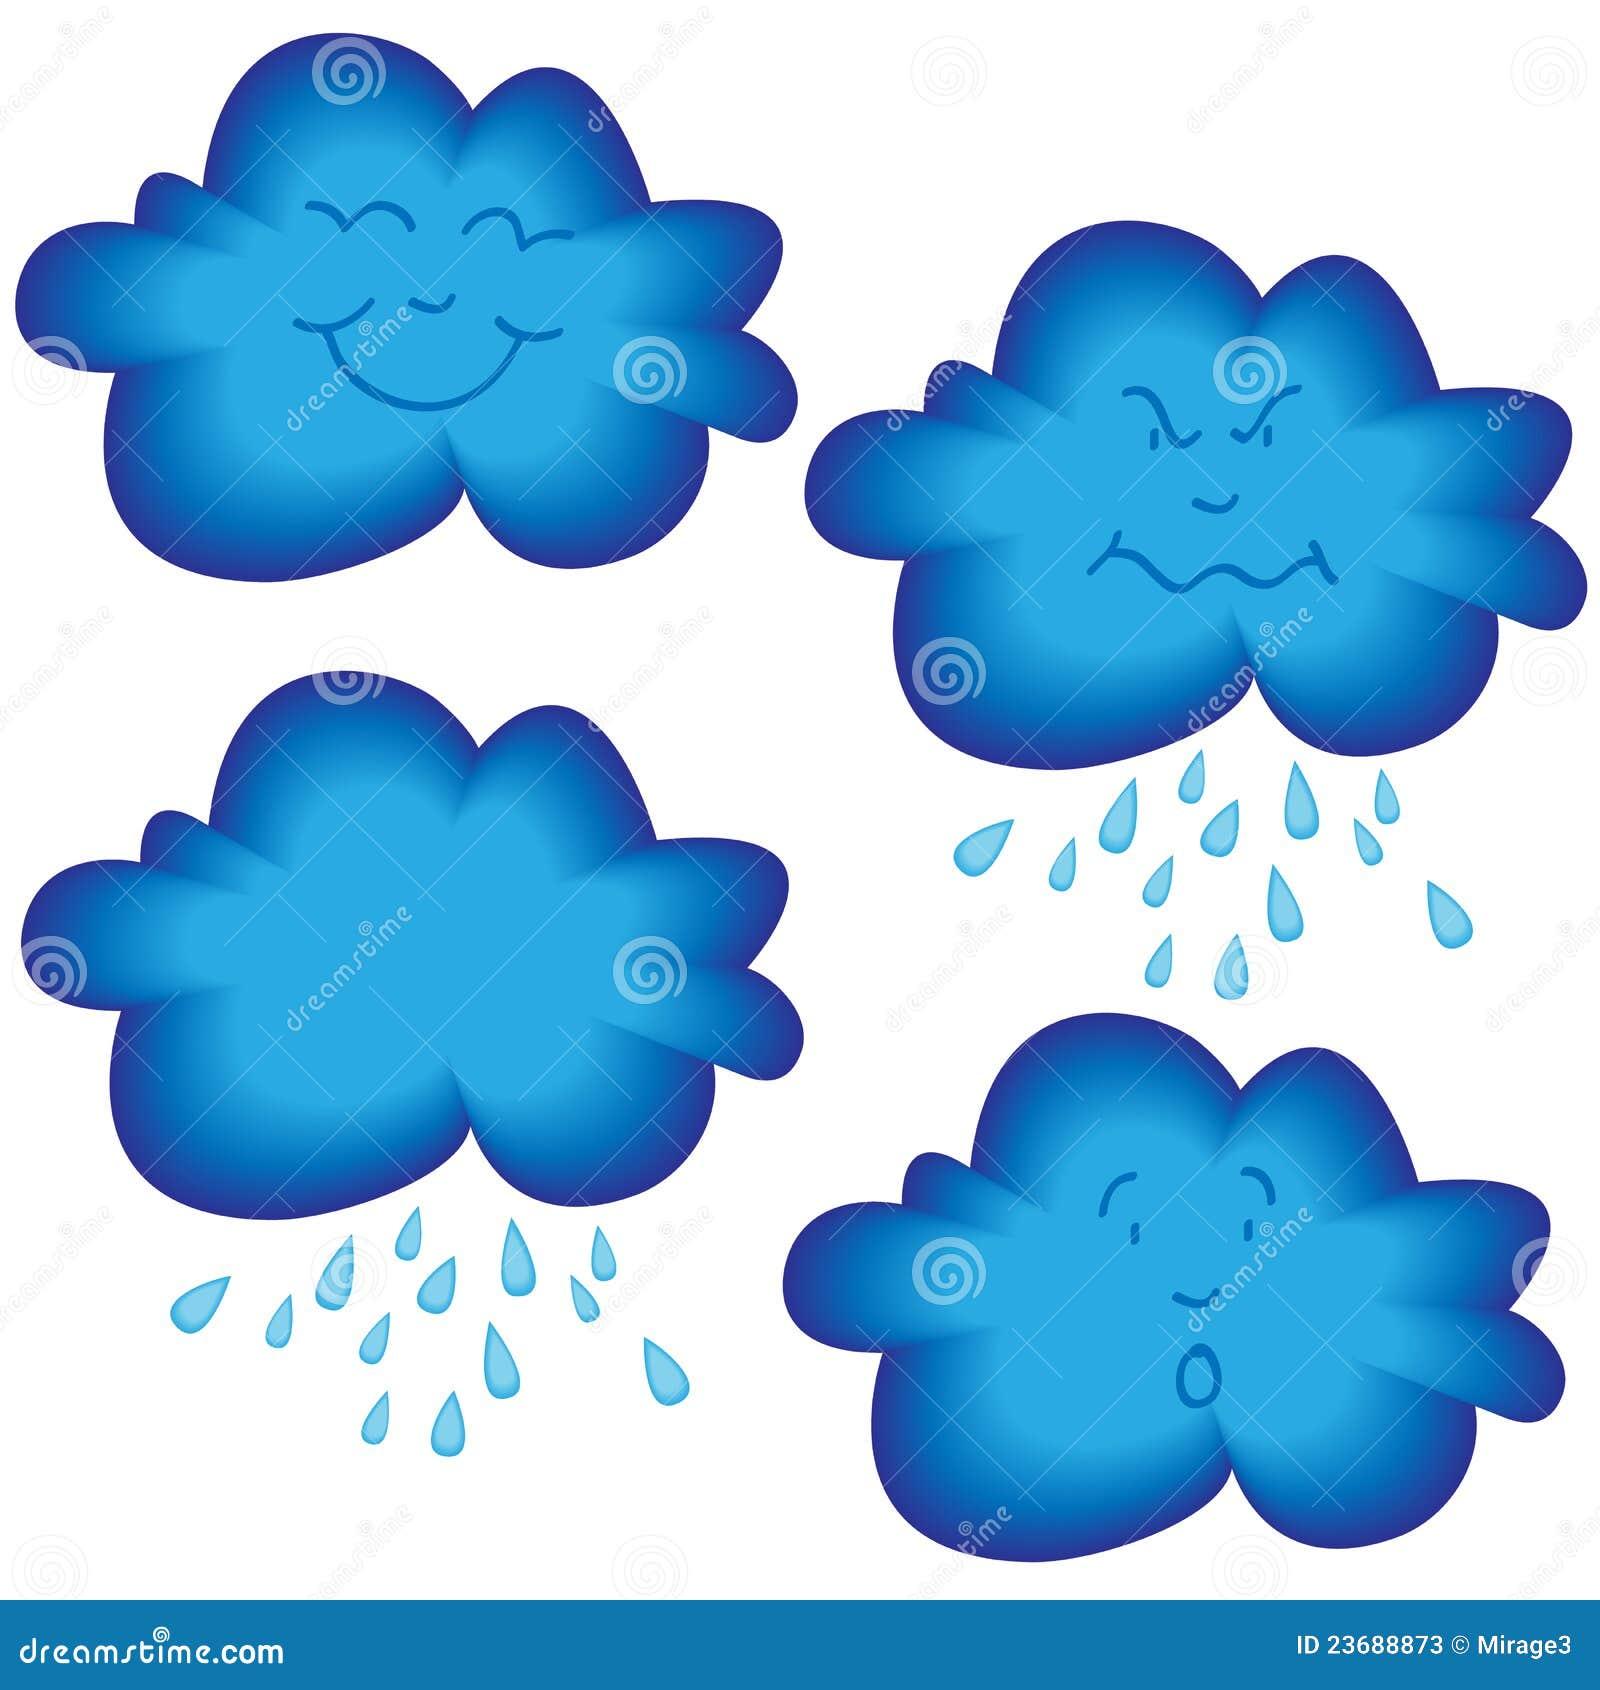 Inzameling van grappige beeldverhaal blauwe wolk met verschillende ...: nl.dreamstime.com/stock-foto-s-de-gezichten-van-de-wolk-image23688873